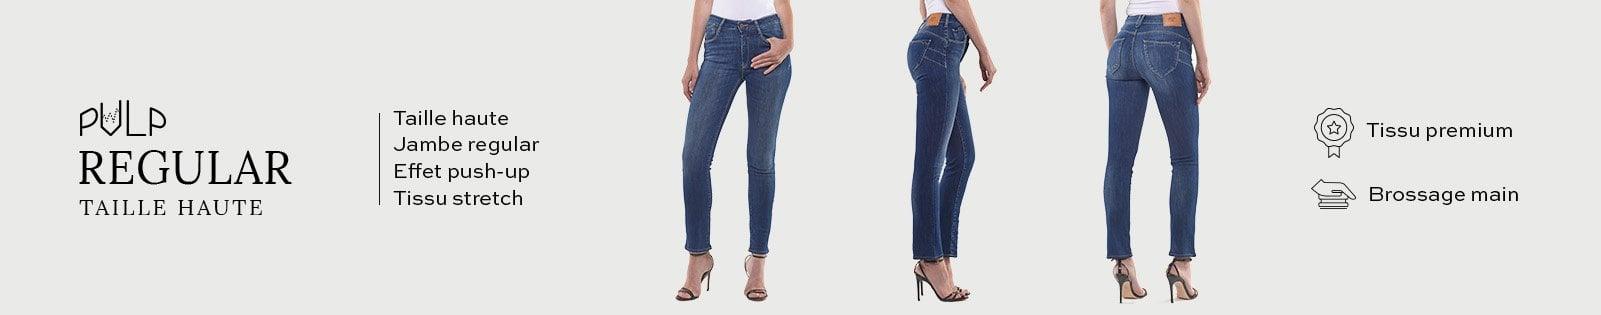 Pulp Regular Taille Haute